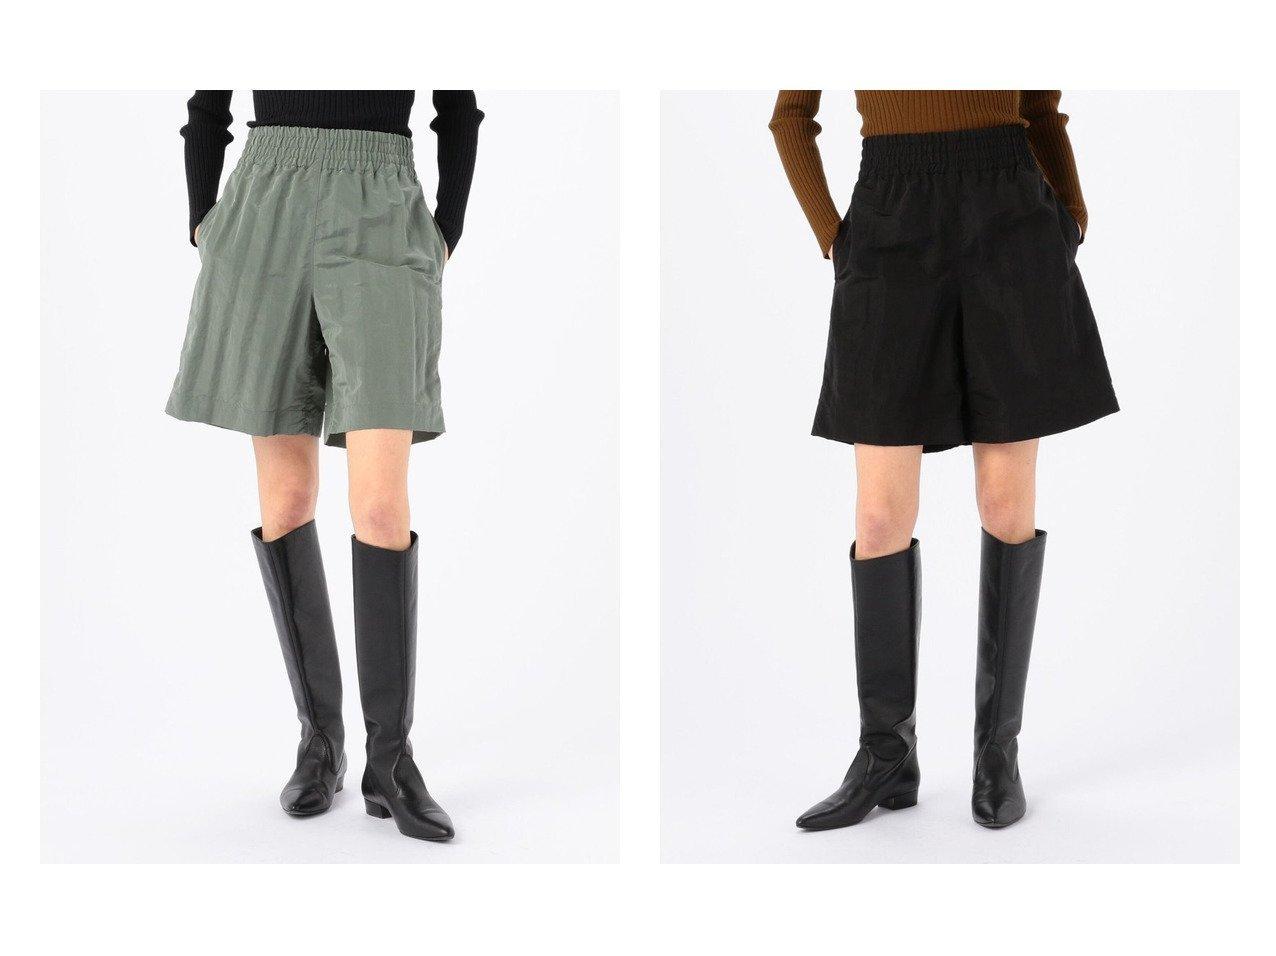 【DES PRES / TOMORROWLAND/デプレ】のナイロンタフタ ショートパンツ パンツのおすすめ!人気、トレンド・レディースファッションの通販 おすすめで人気の流行・トレンド、ファッションの通販商品 メンズファッション・キッズファッション・インテリア・家具・レディースファッション・服の通販 founy(ファニー) https://founy.com/ ファッション Fashion レディースファッション WOMEN パンツ Pants ハーフ / ショートパンツ Short Pants NEW・新作・新着・新入荷 New Arrivals 2020年 2020 2020-2021 秋冬 A/W AW Autumn/Winter / FW Fall-Winter 2020-2021 A/W 秋冬 AW Autumn/Winter / FW Fall-Winter イタリア ショート ジーンズ タフタ バランス フレア |ID:crp329100000012842